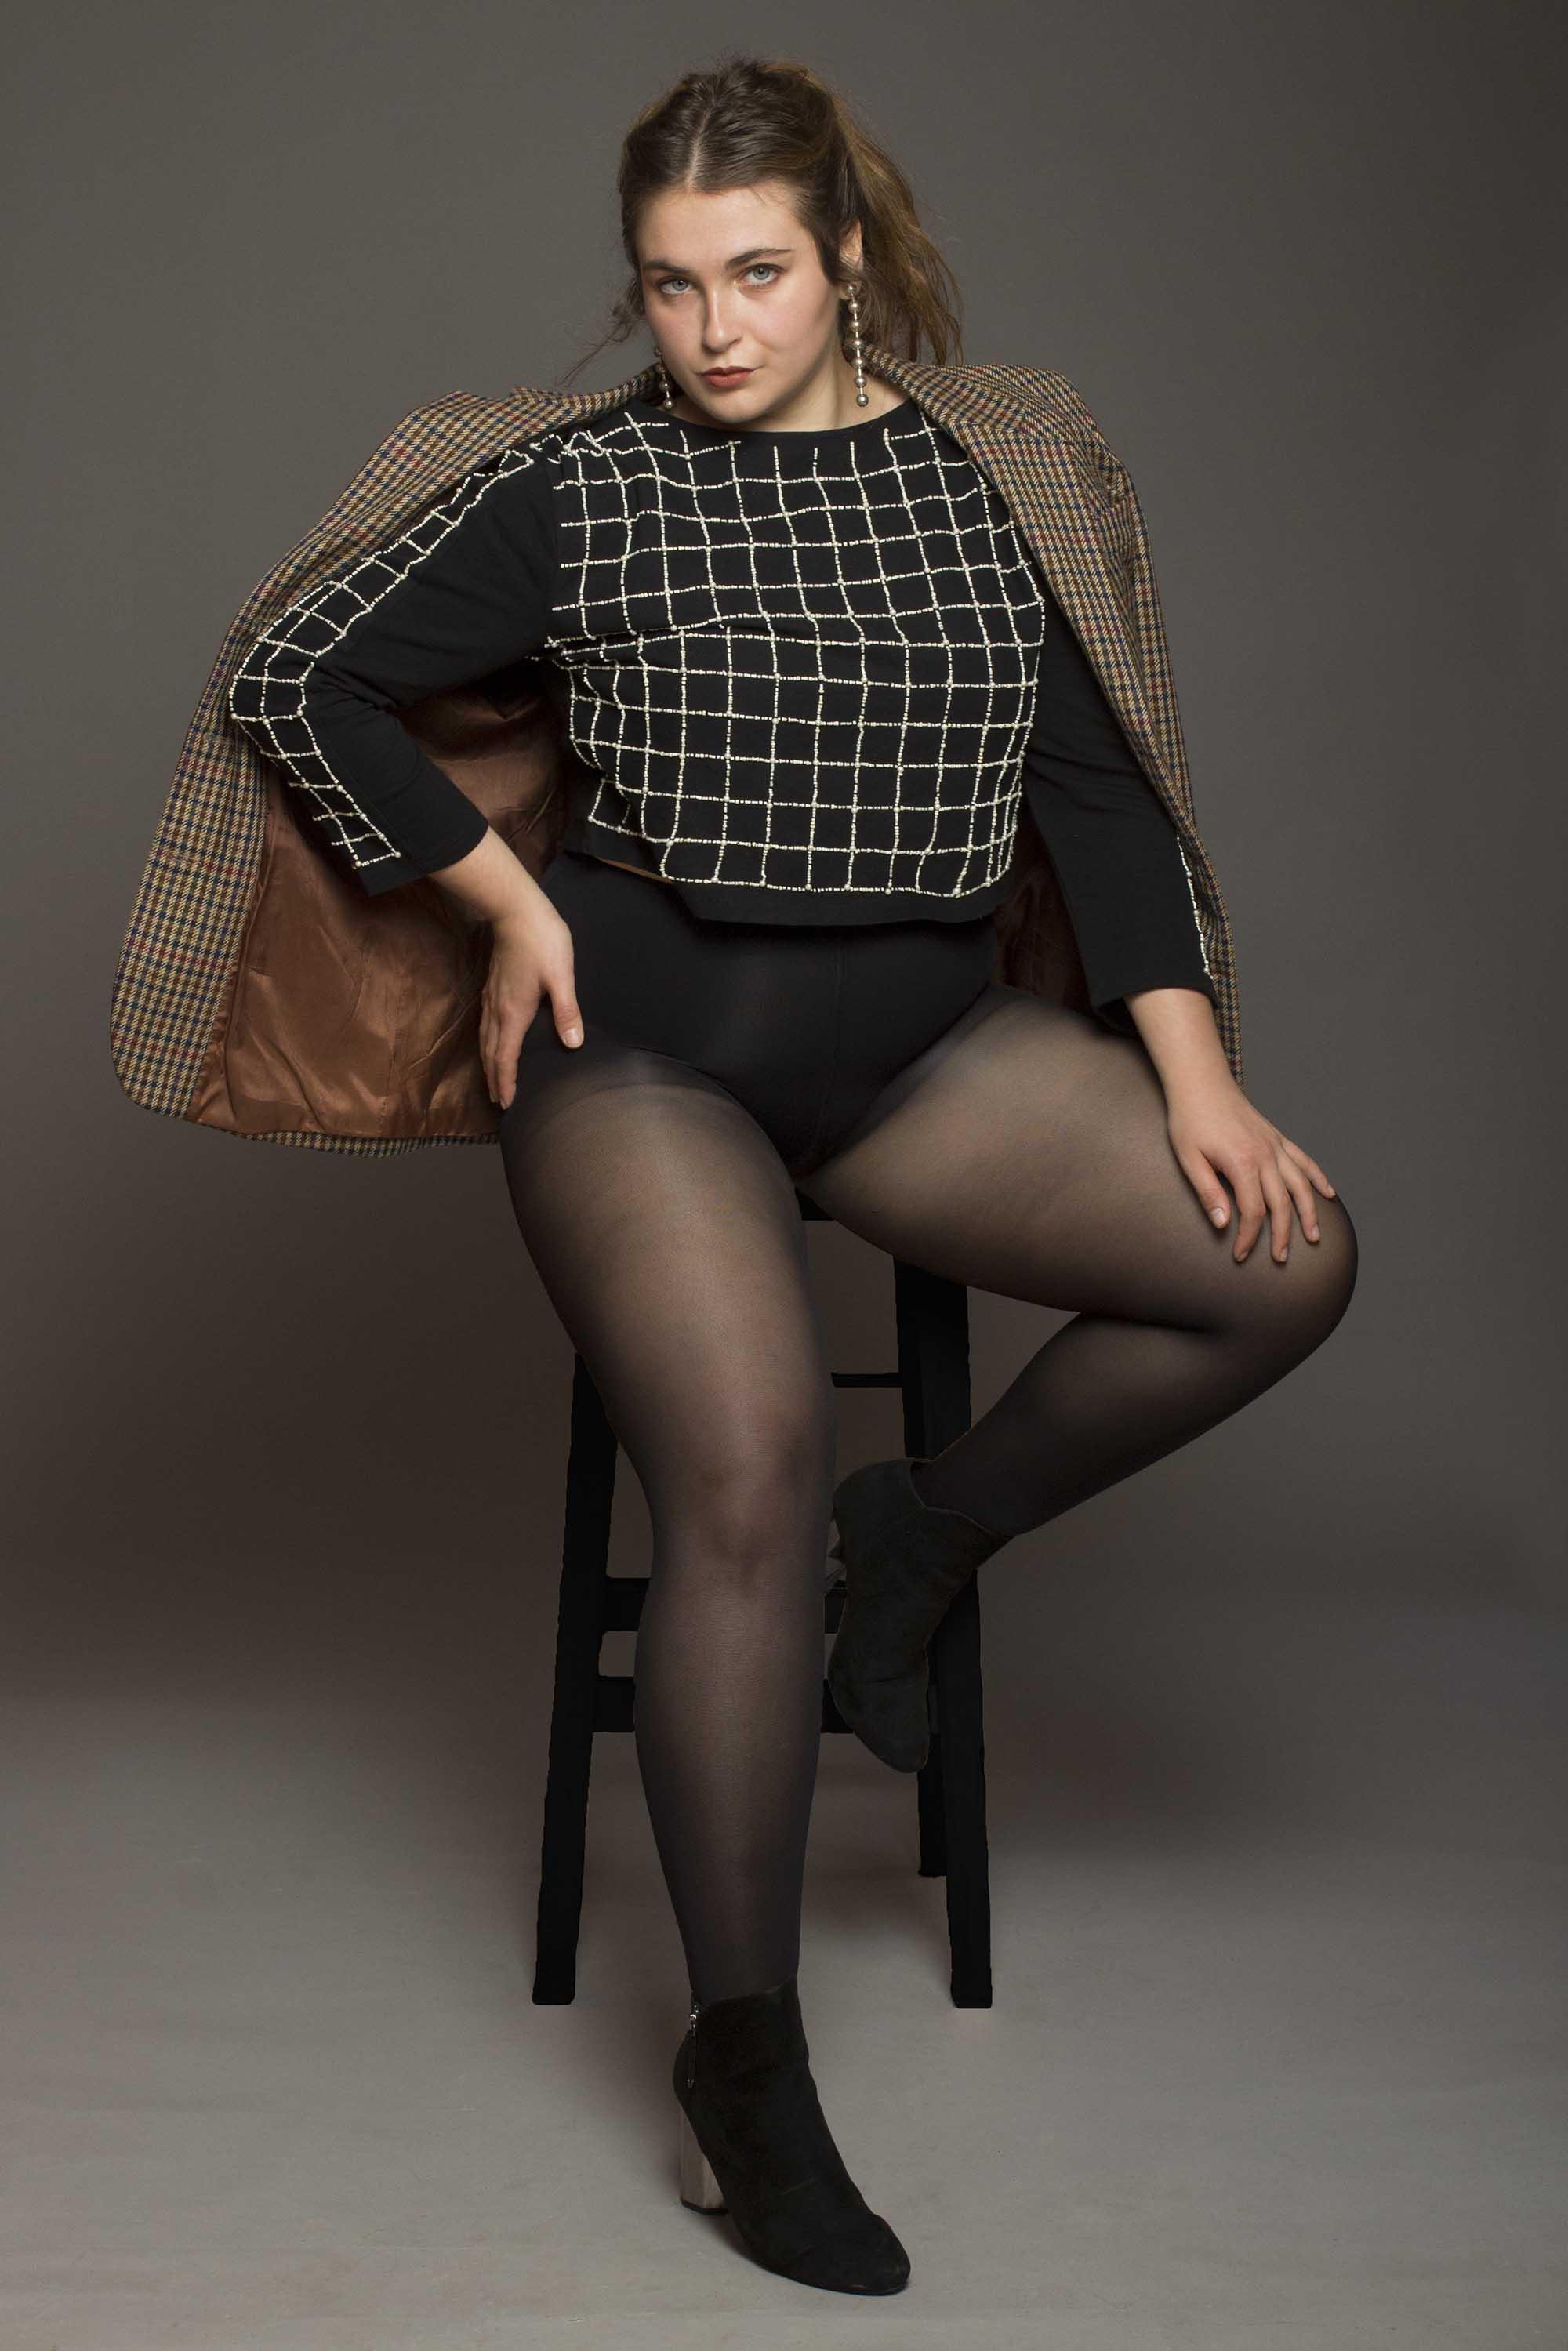 לורן שטרן. צילום: הדר חזן, Fashion Israel-מגזין אופנה ישראלי - 5